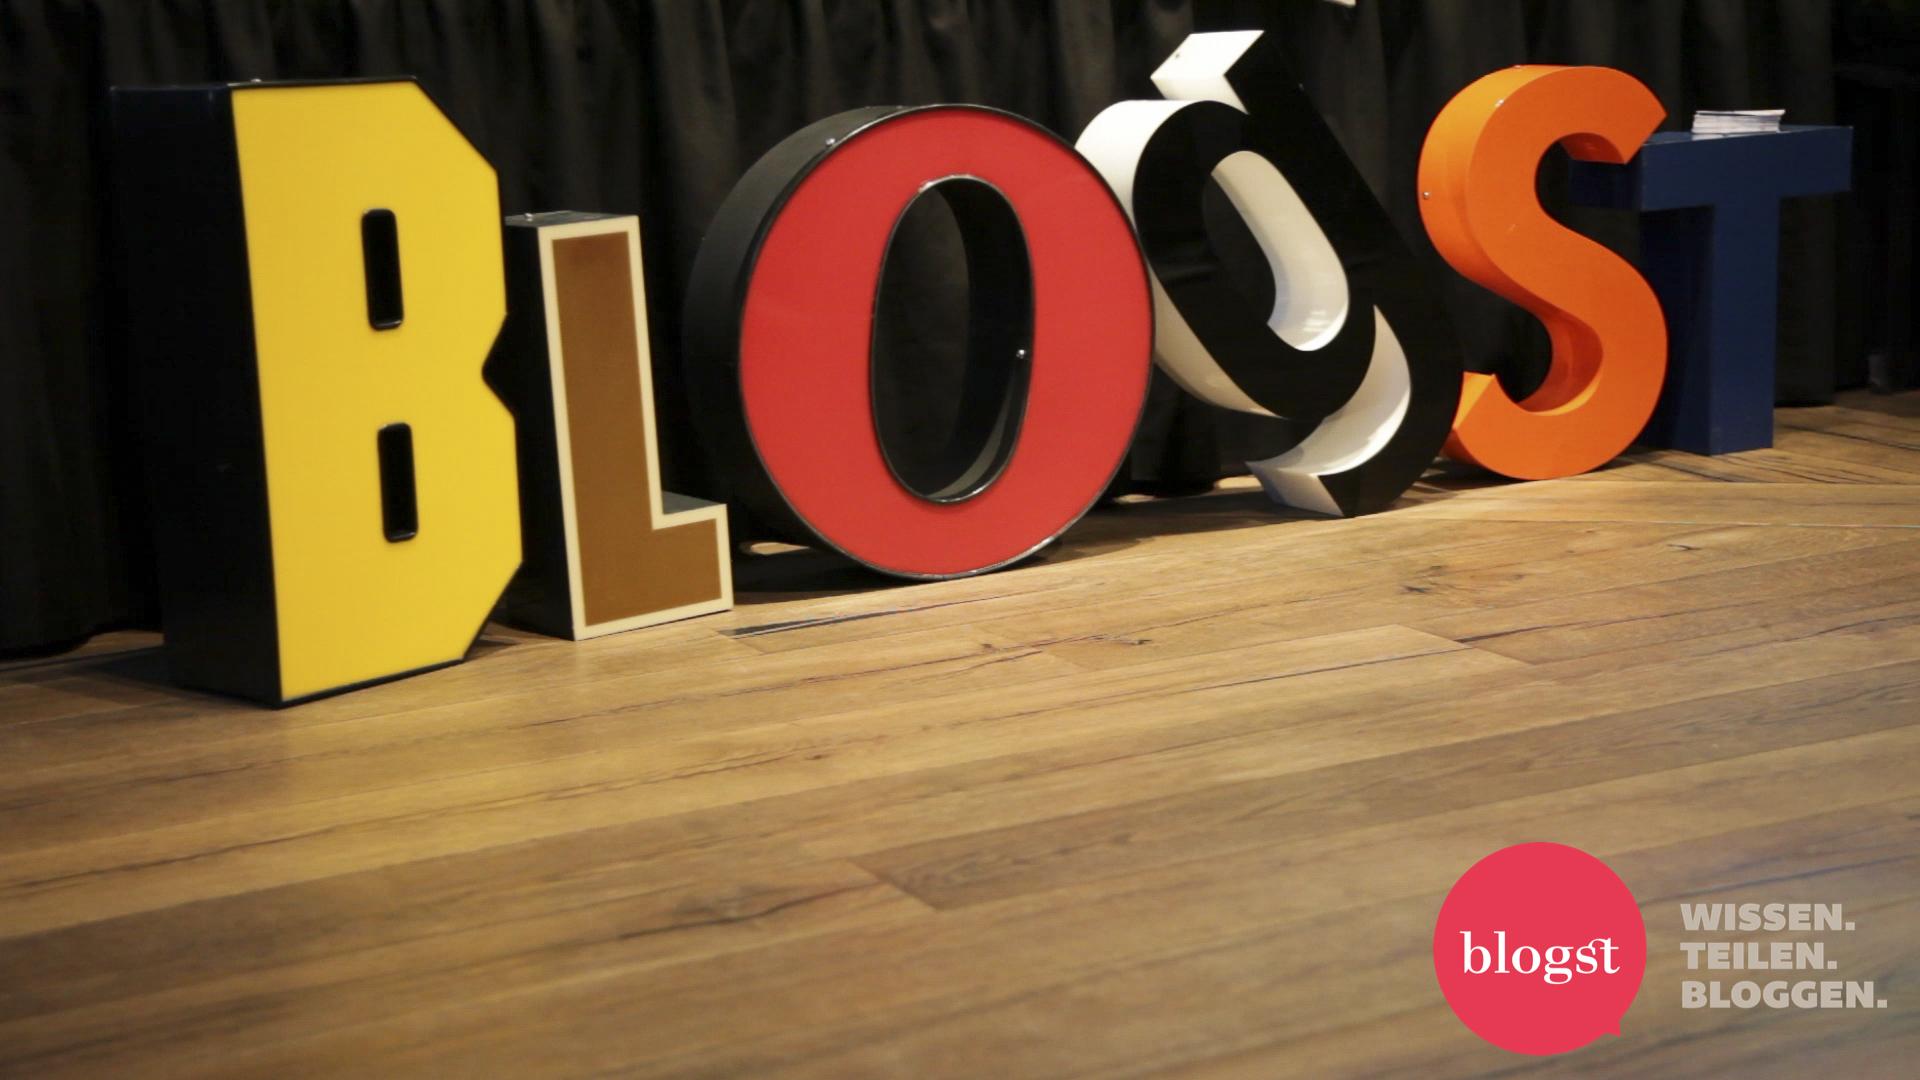 Blogst Konferenz 2014